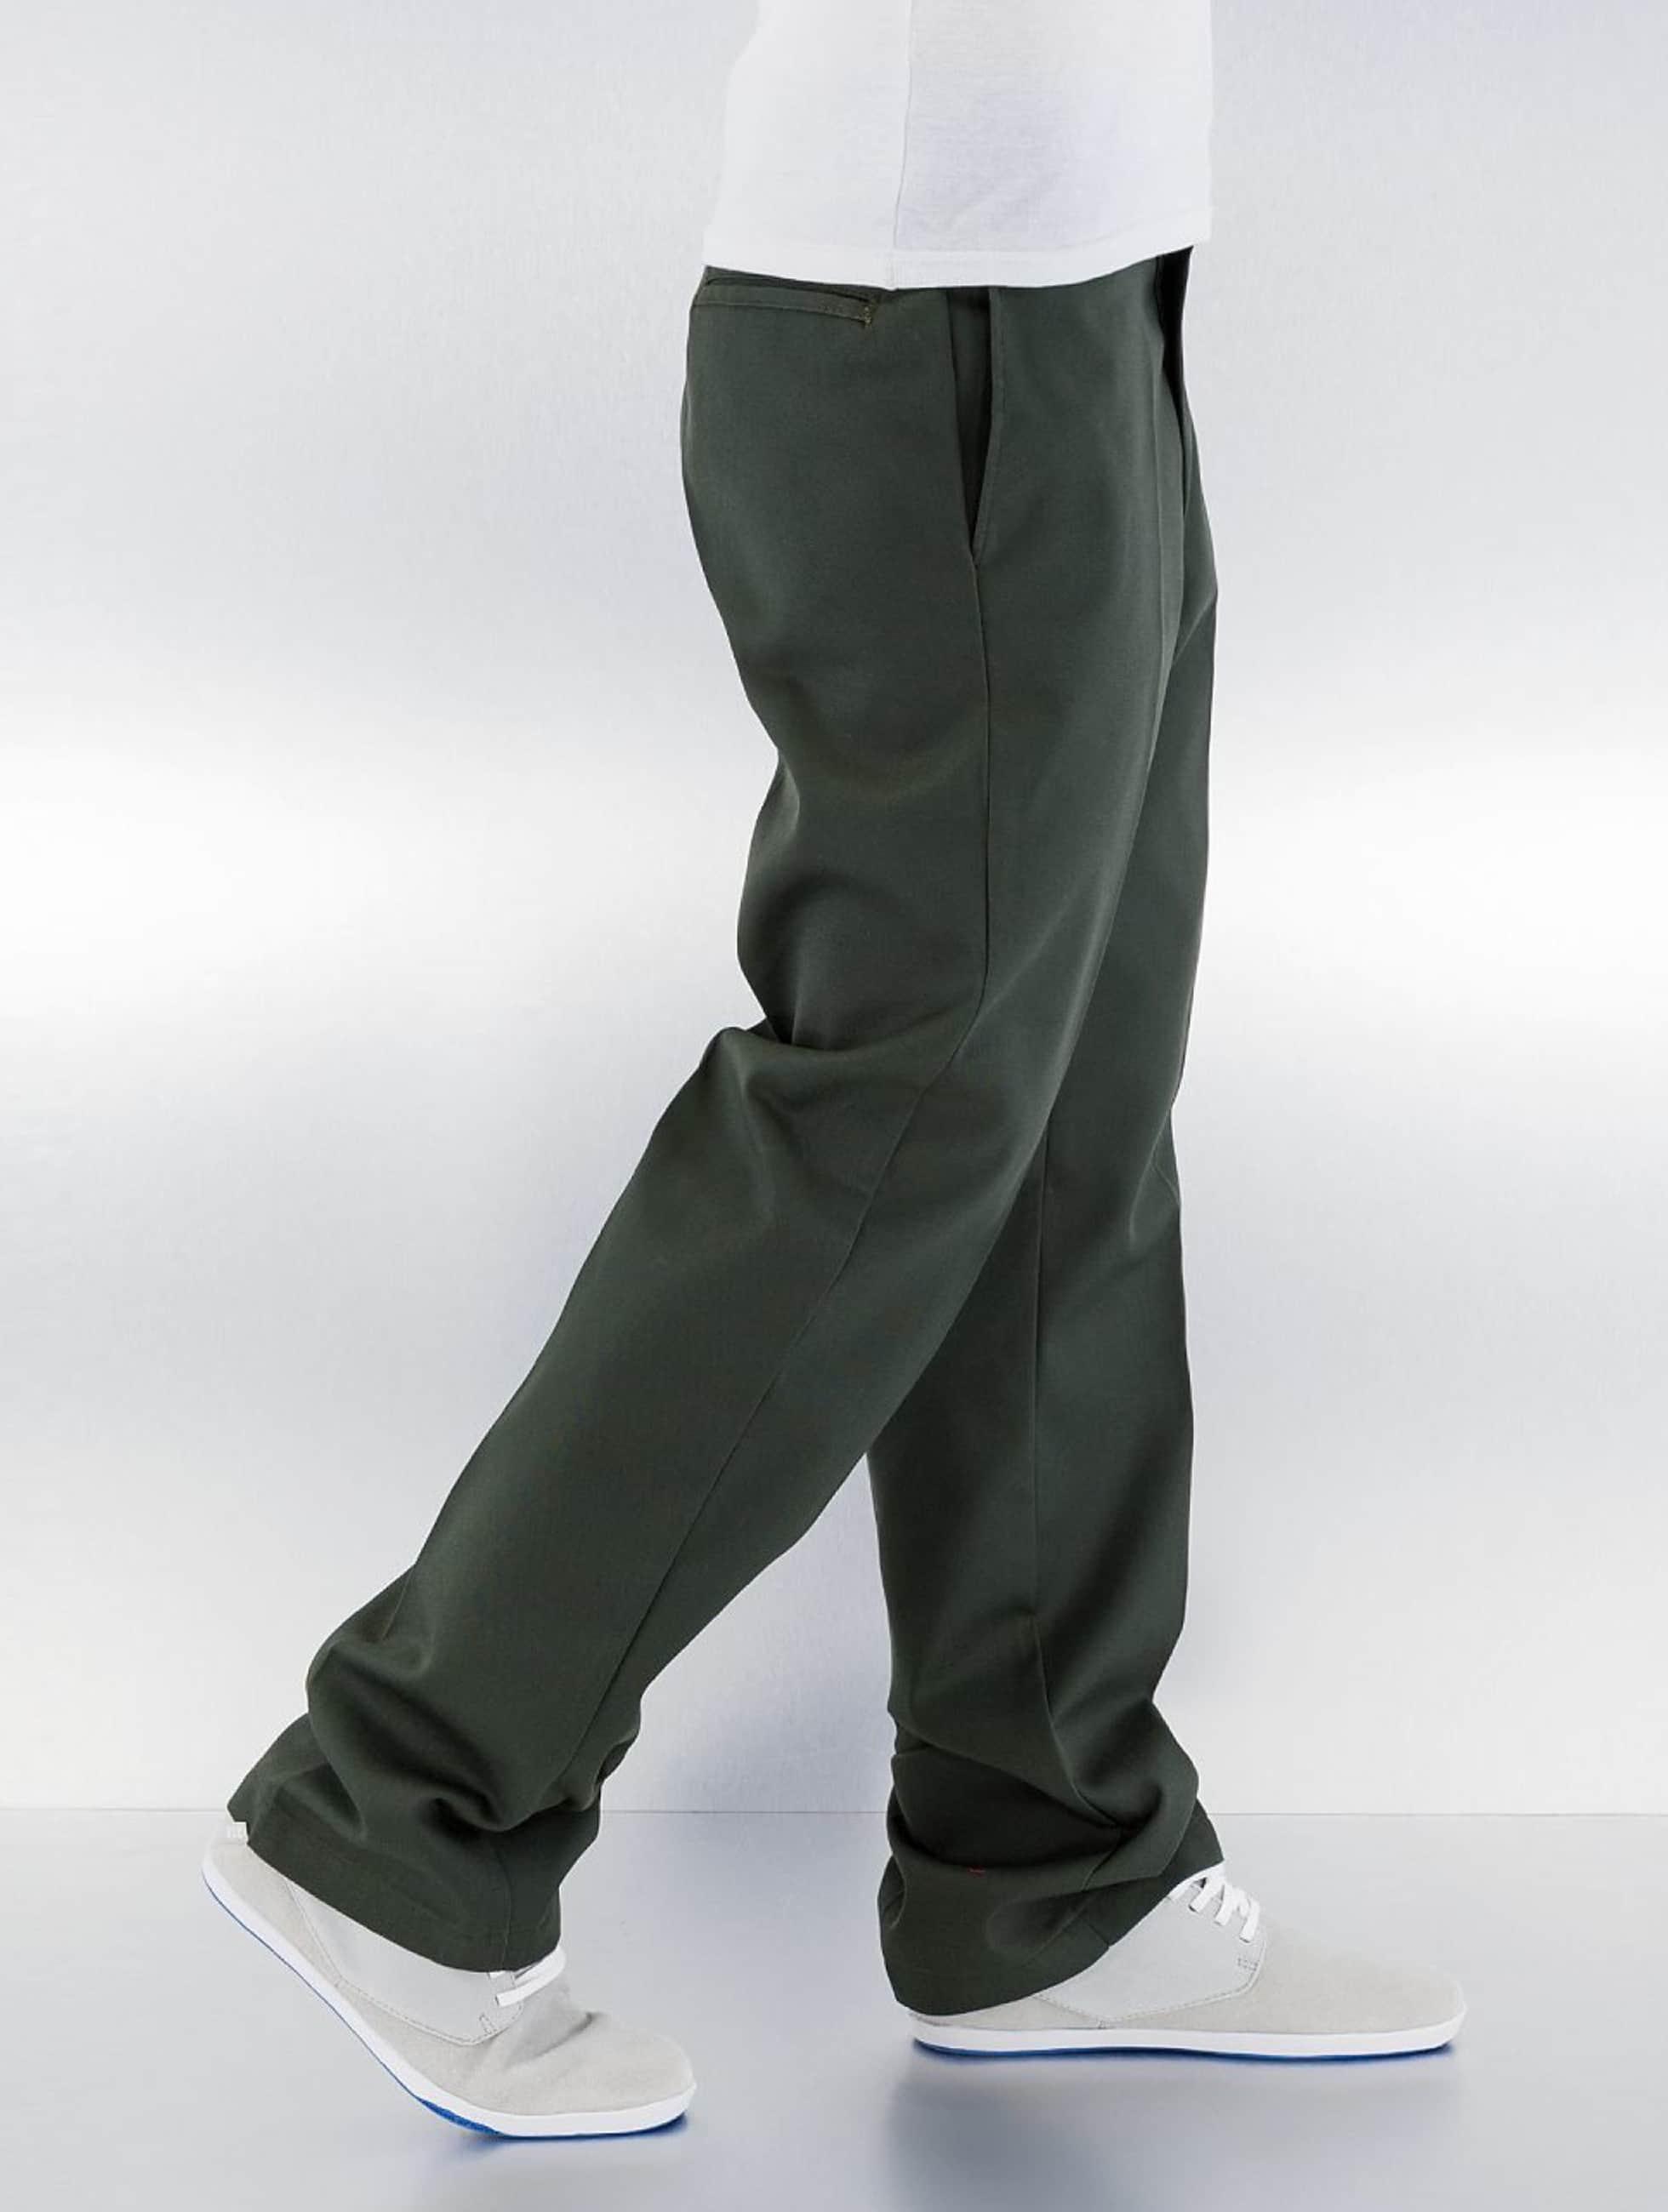 Dickies Pantalon chino Original 874 Work olive